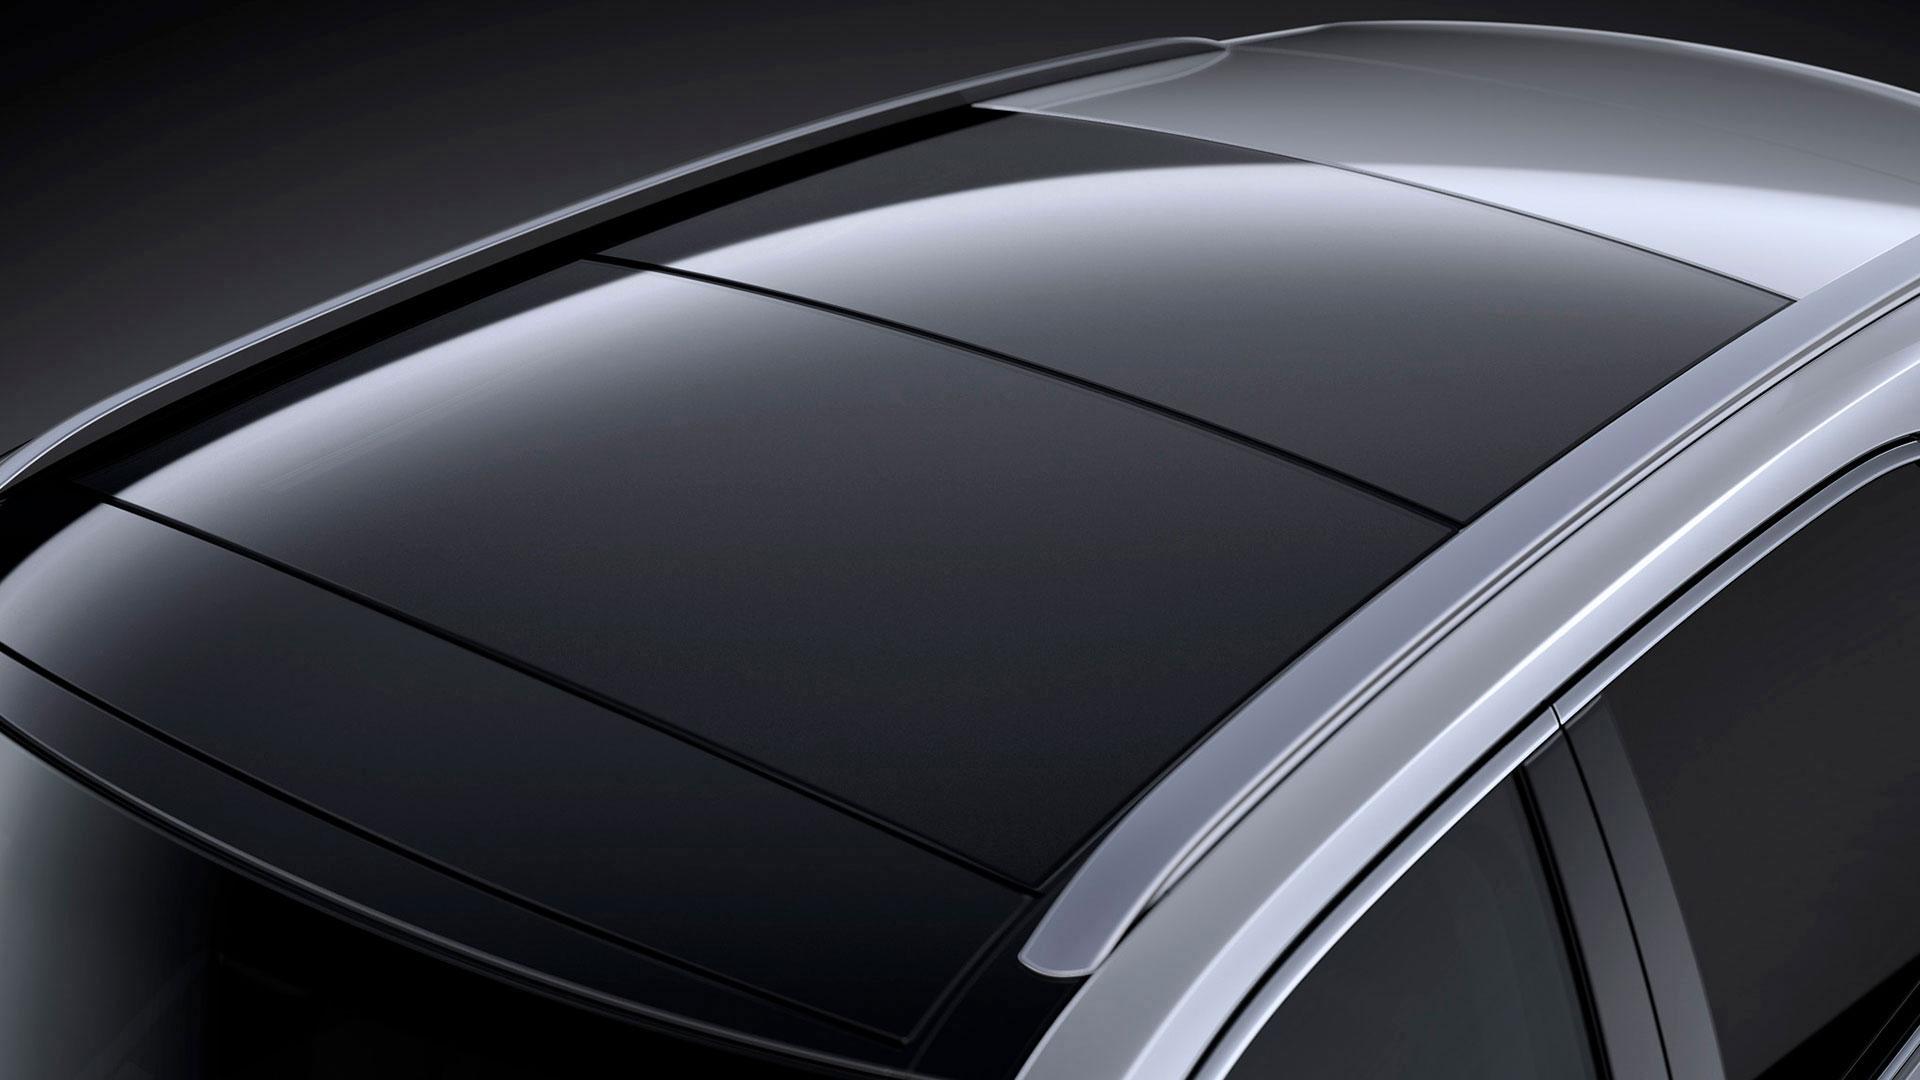 2017 lexus rx 450h features alluminum roof rails